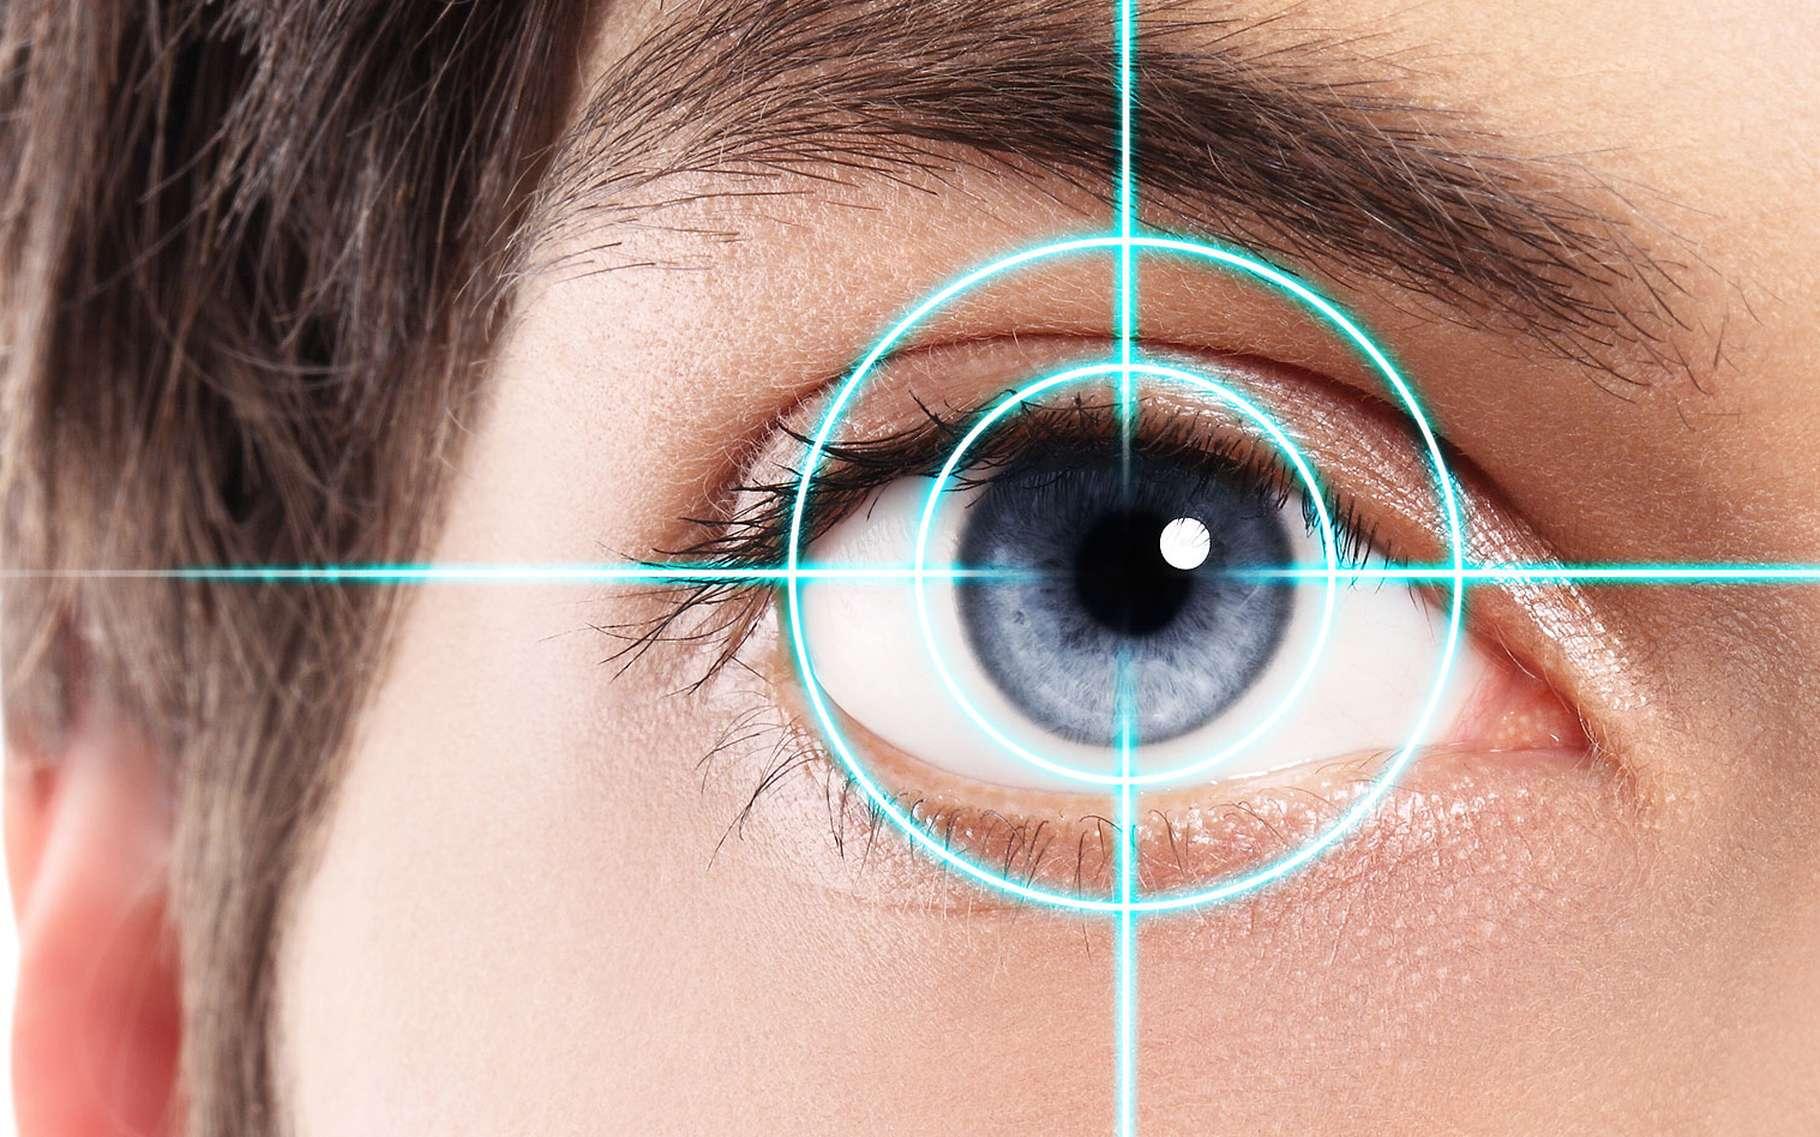 Пленка на глазу человека причины и лечение | последствия и профилактика